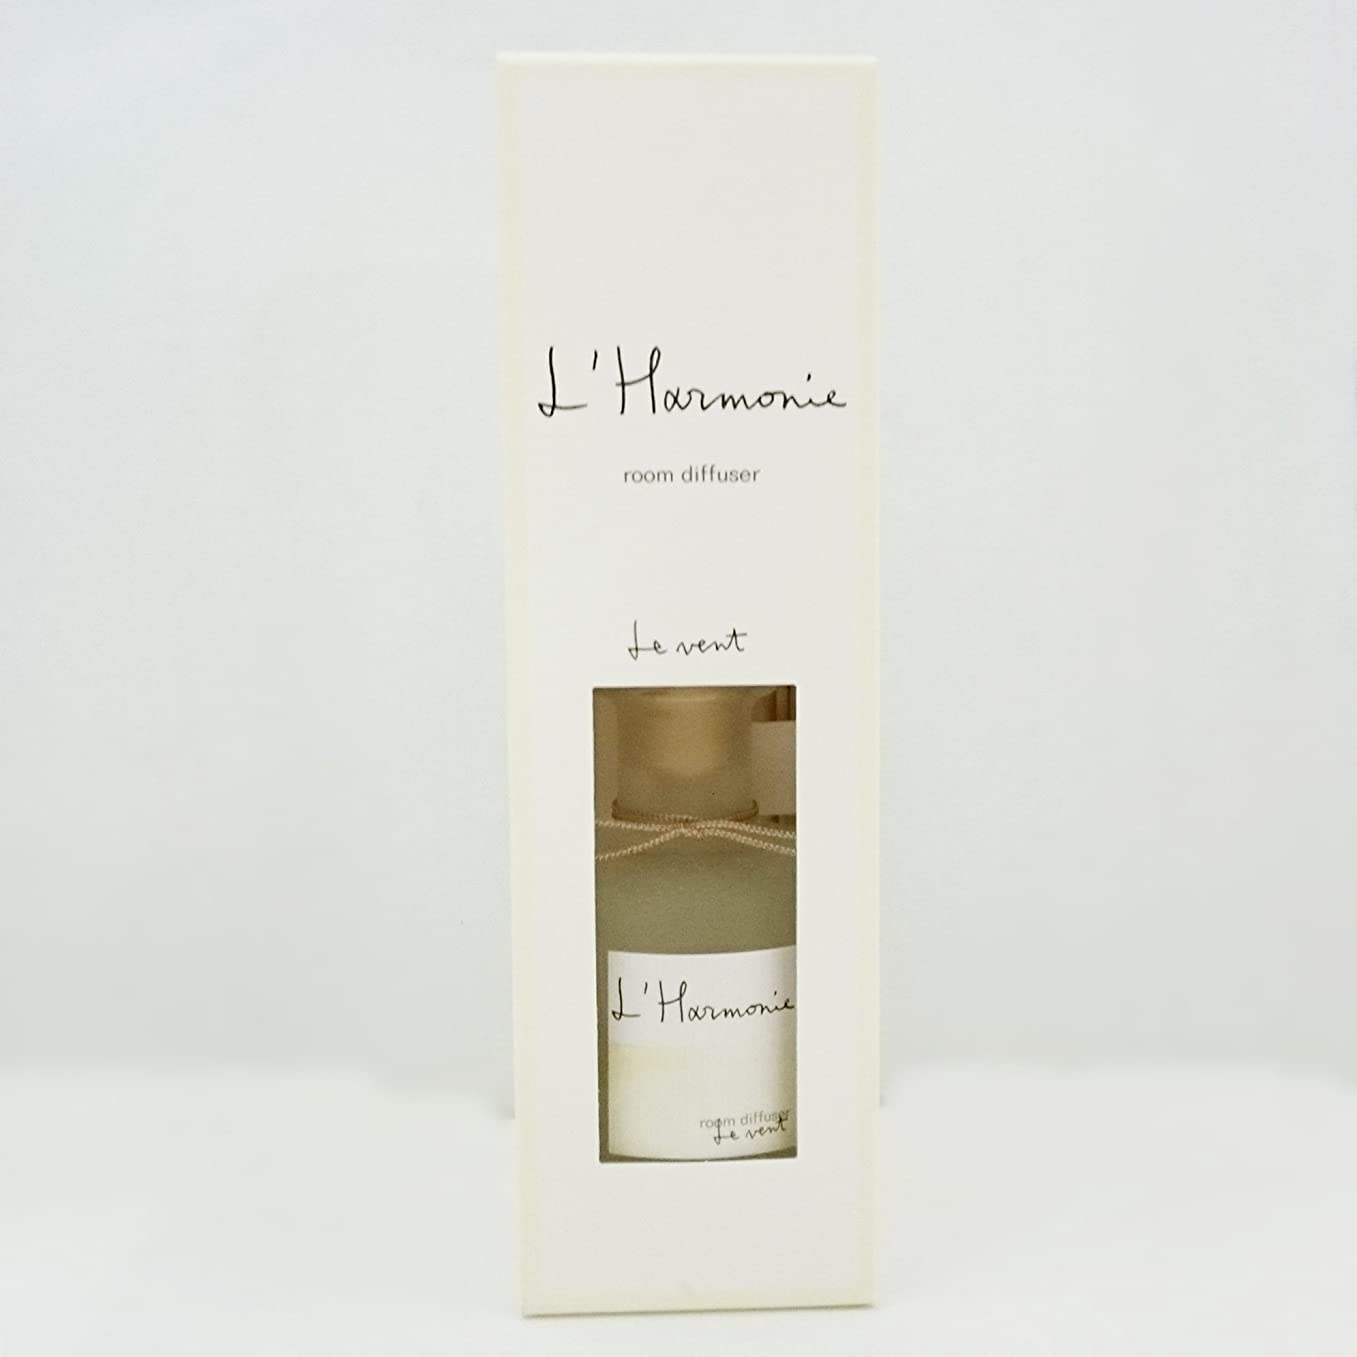 妊娠した追い付くゴムLothantique(ロタンティック) L' Harmonie(アルモニ) ルームディフューザー 200ml 「Le vent(ヴァン)」 4994228024640